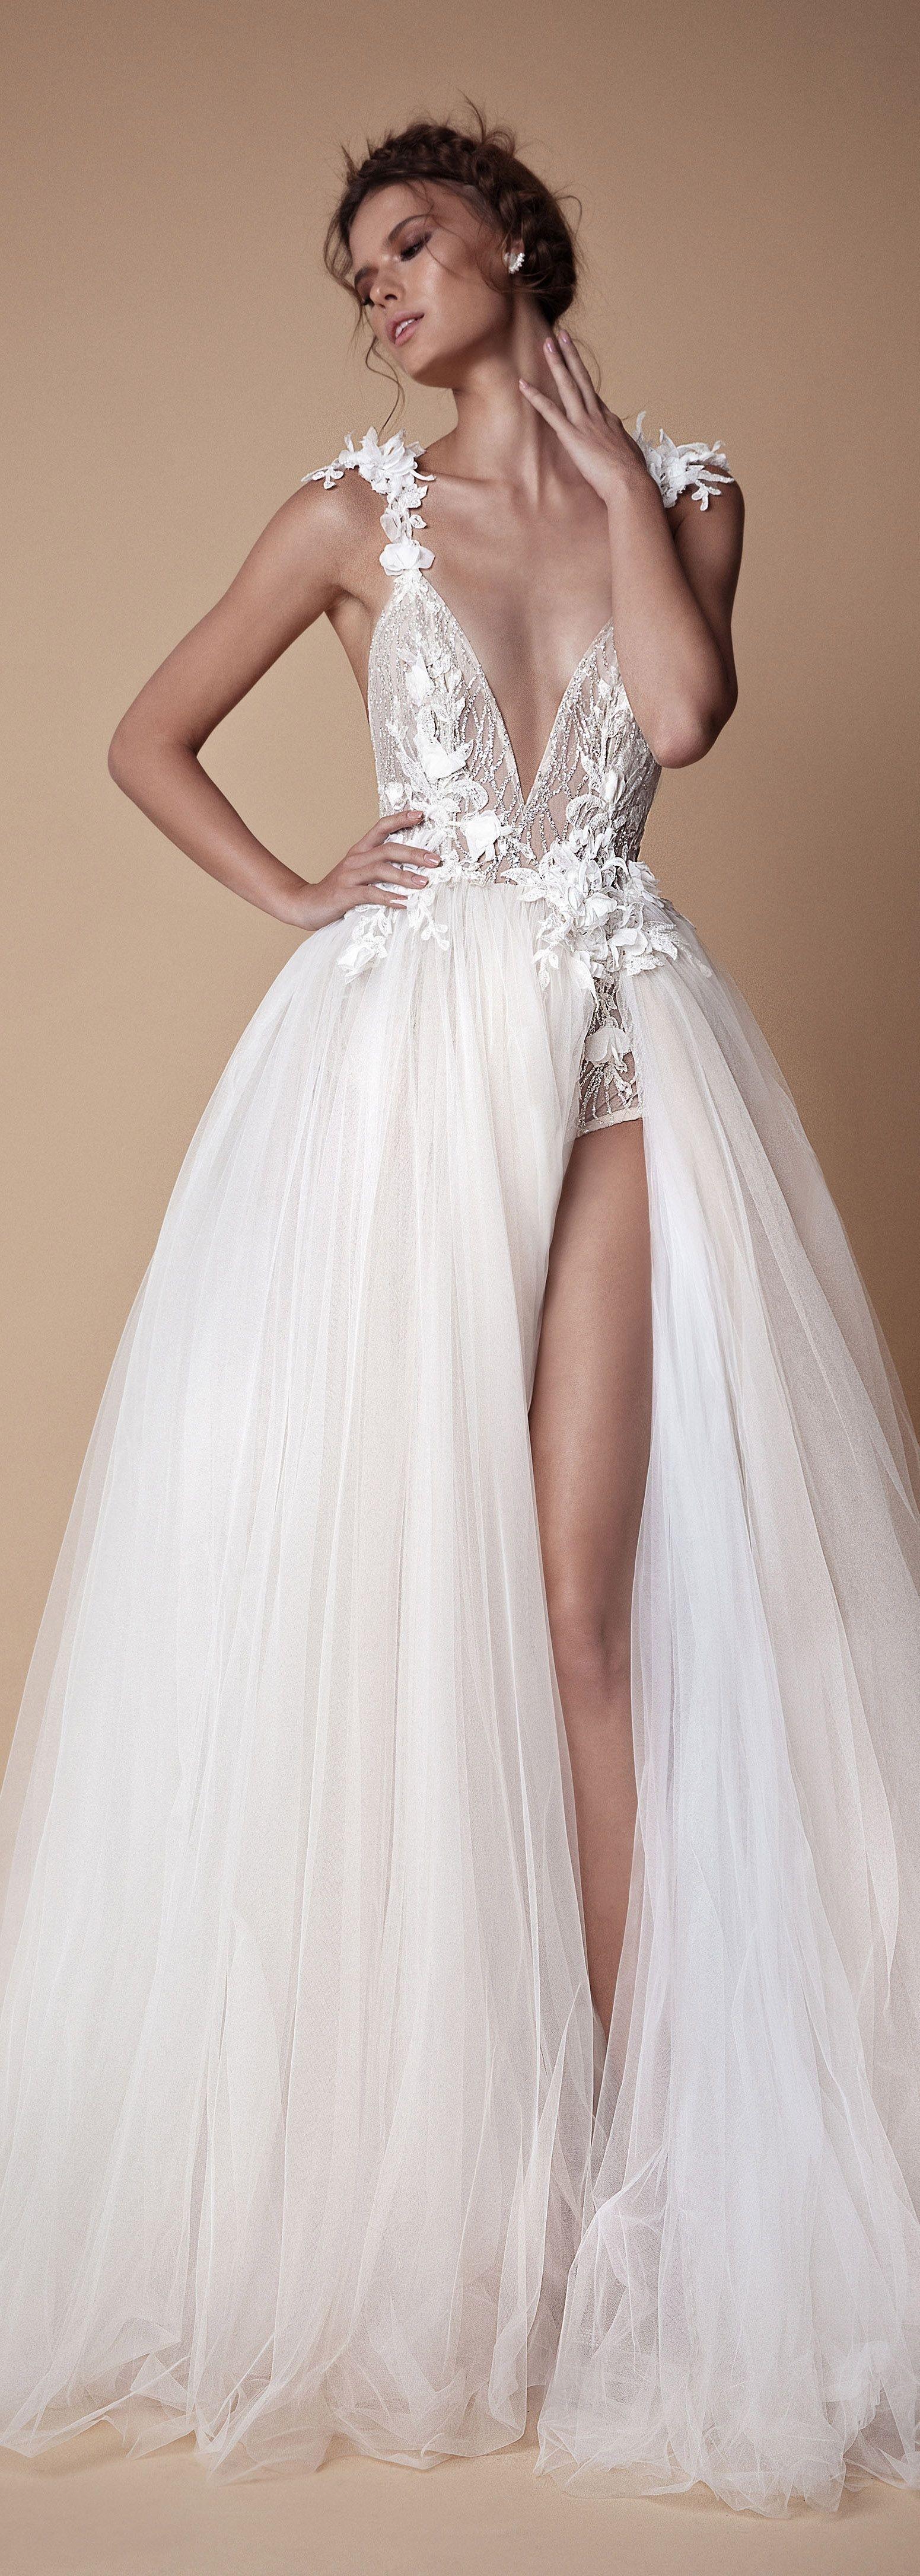 Designer Cool Abendkleider Für Hochzeit ÄrmelDesigner Erstaunlich Abendkleider Für Hochzeit Stylish